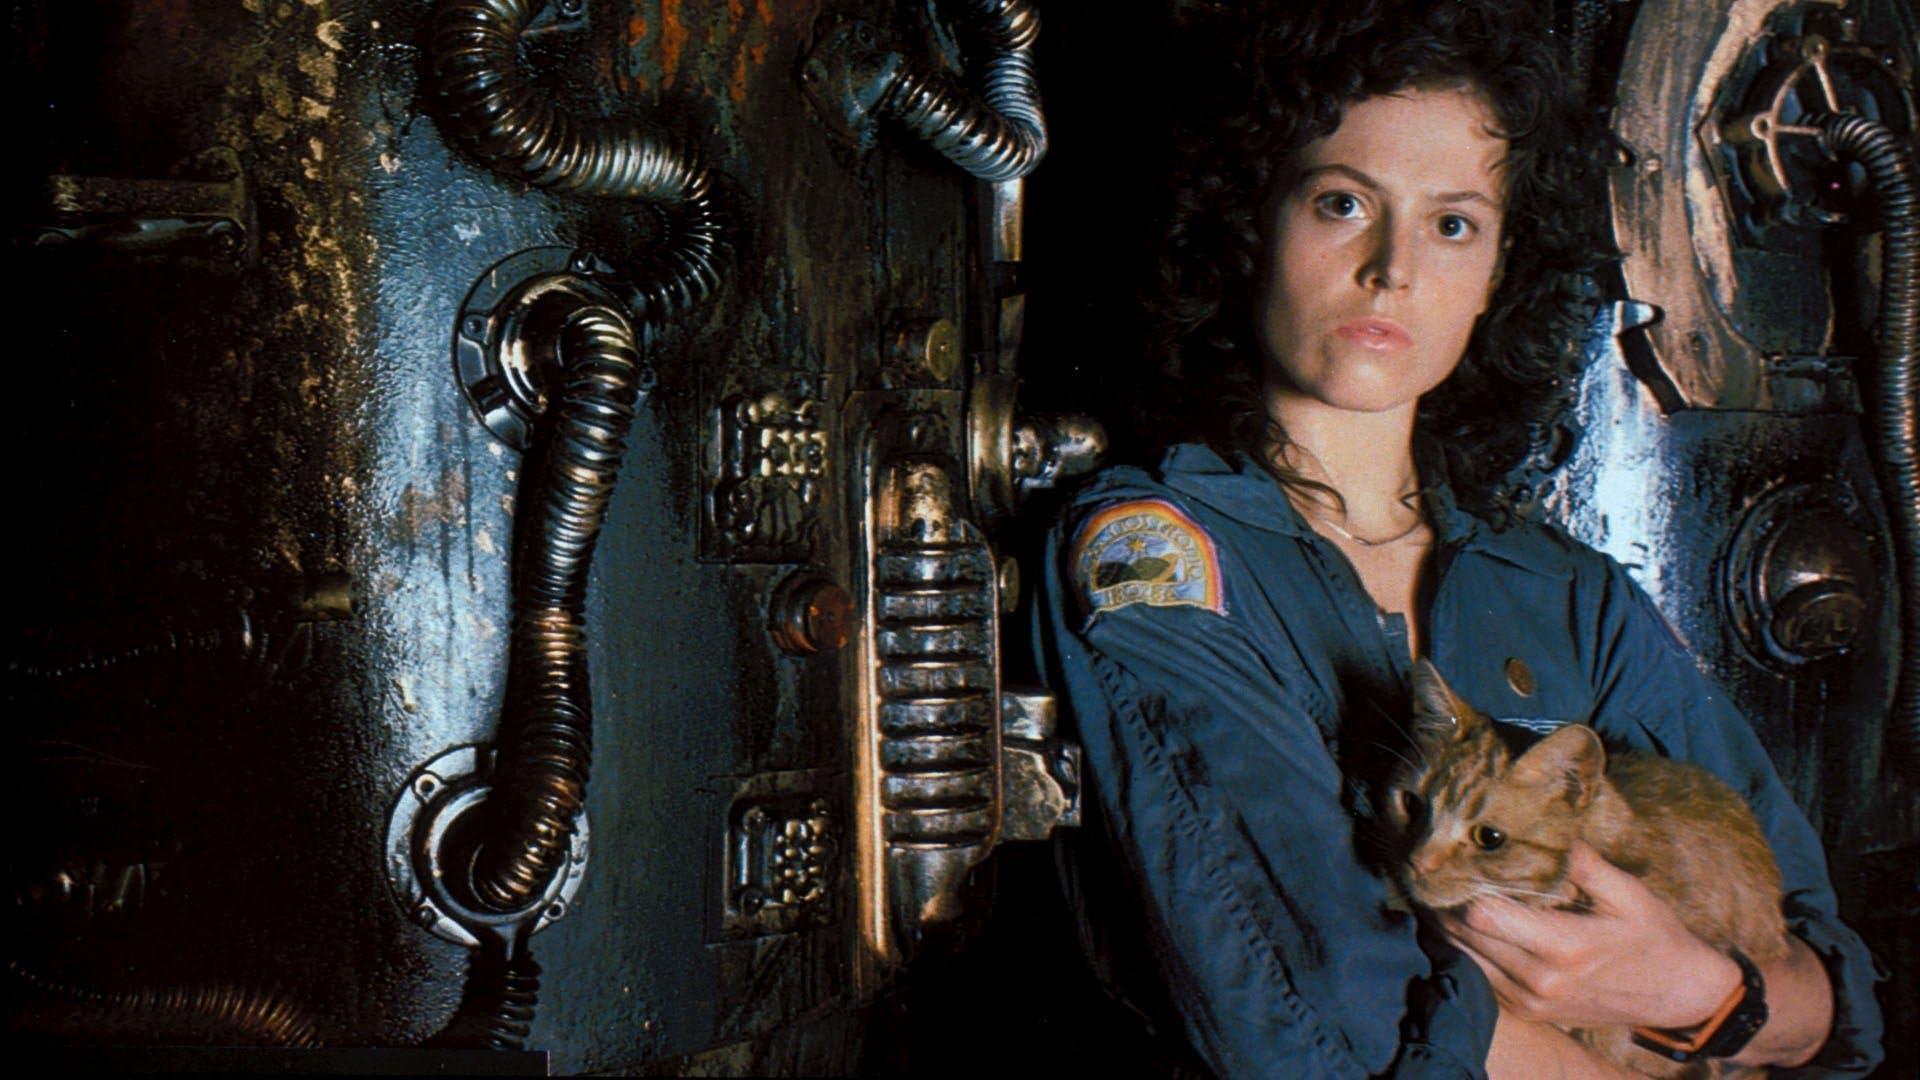 alien-10-datos-curiosos-de-la-obra-de-ciencia-ficcion-que-cumple-42-anos-de-estreno